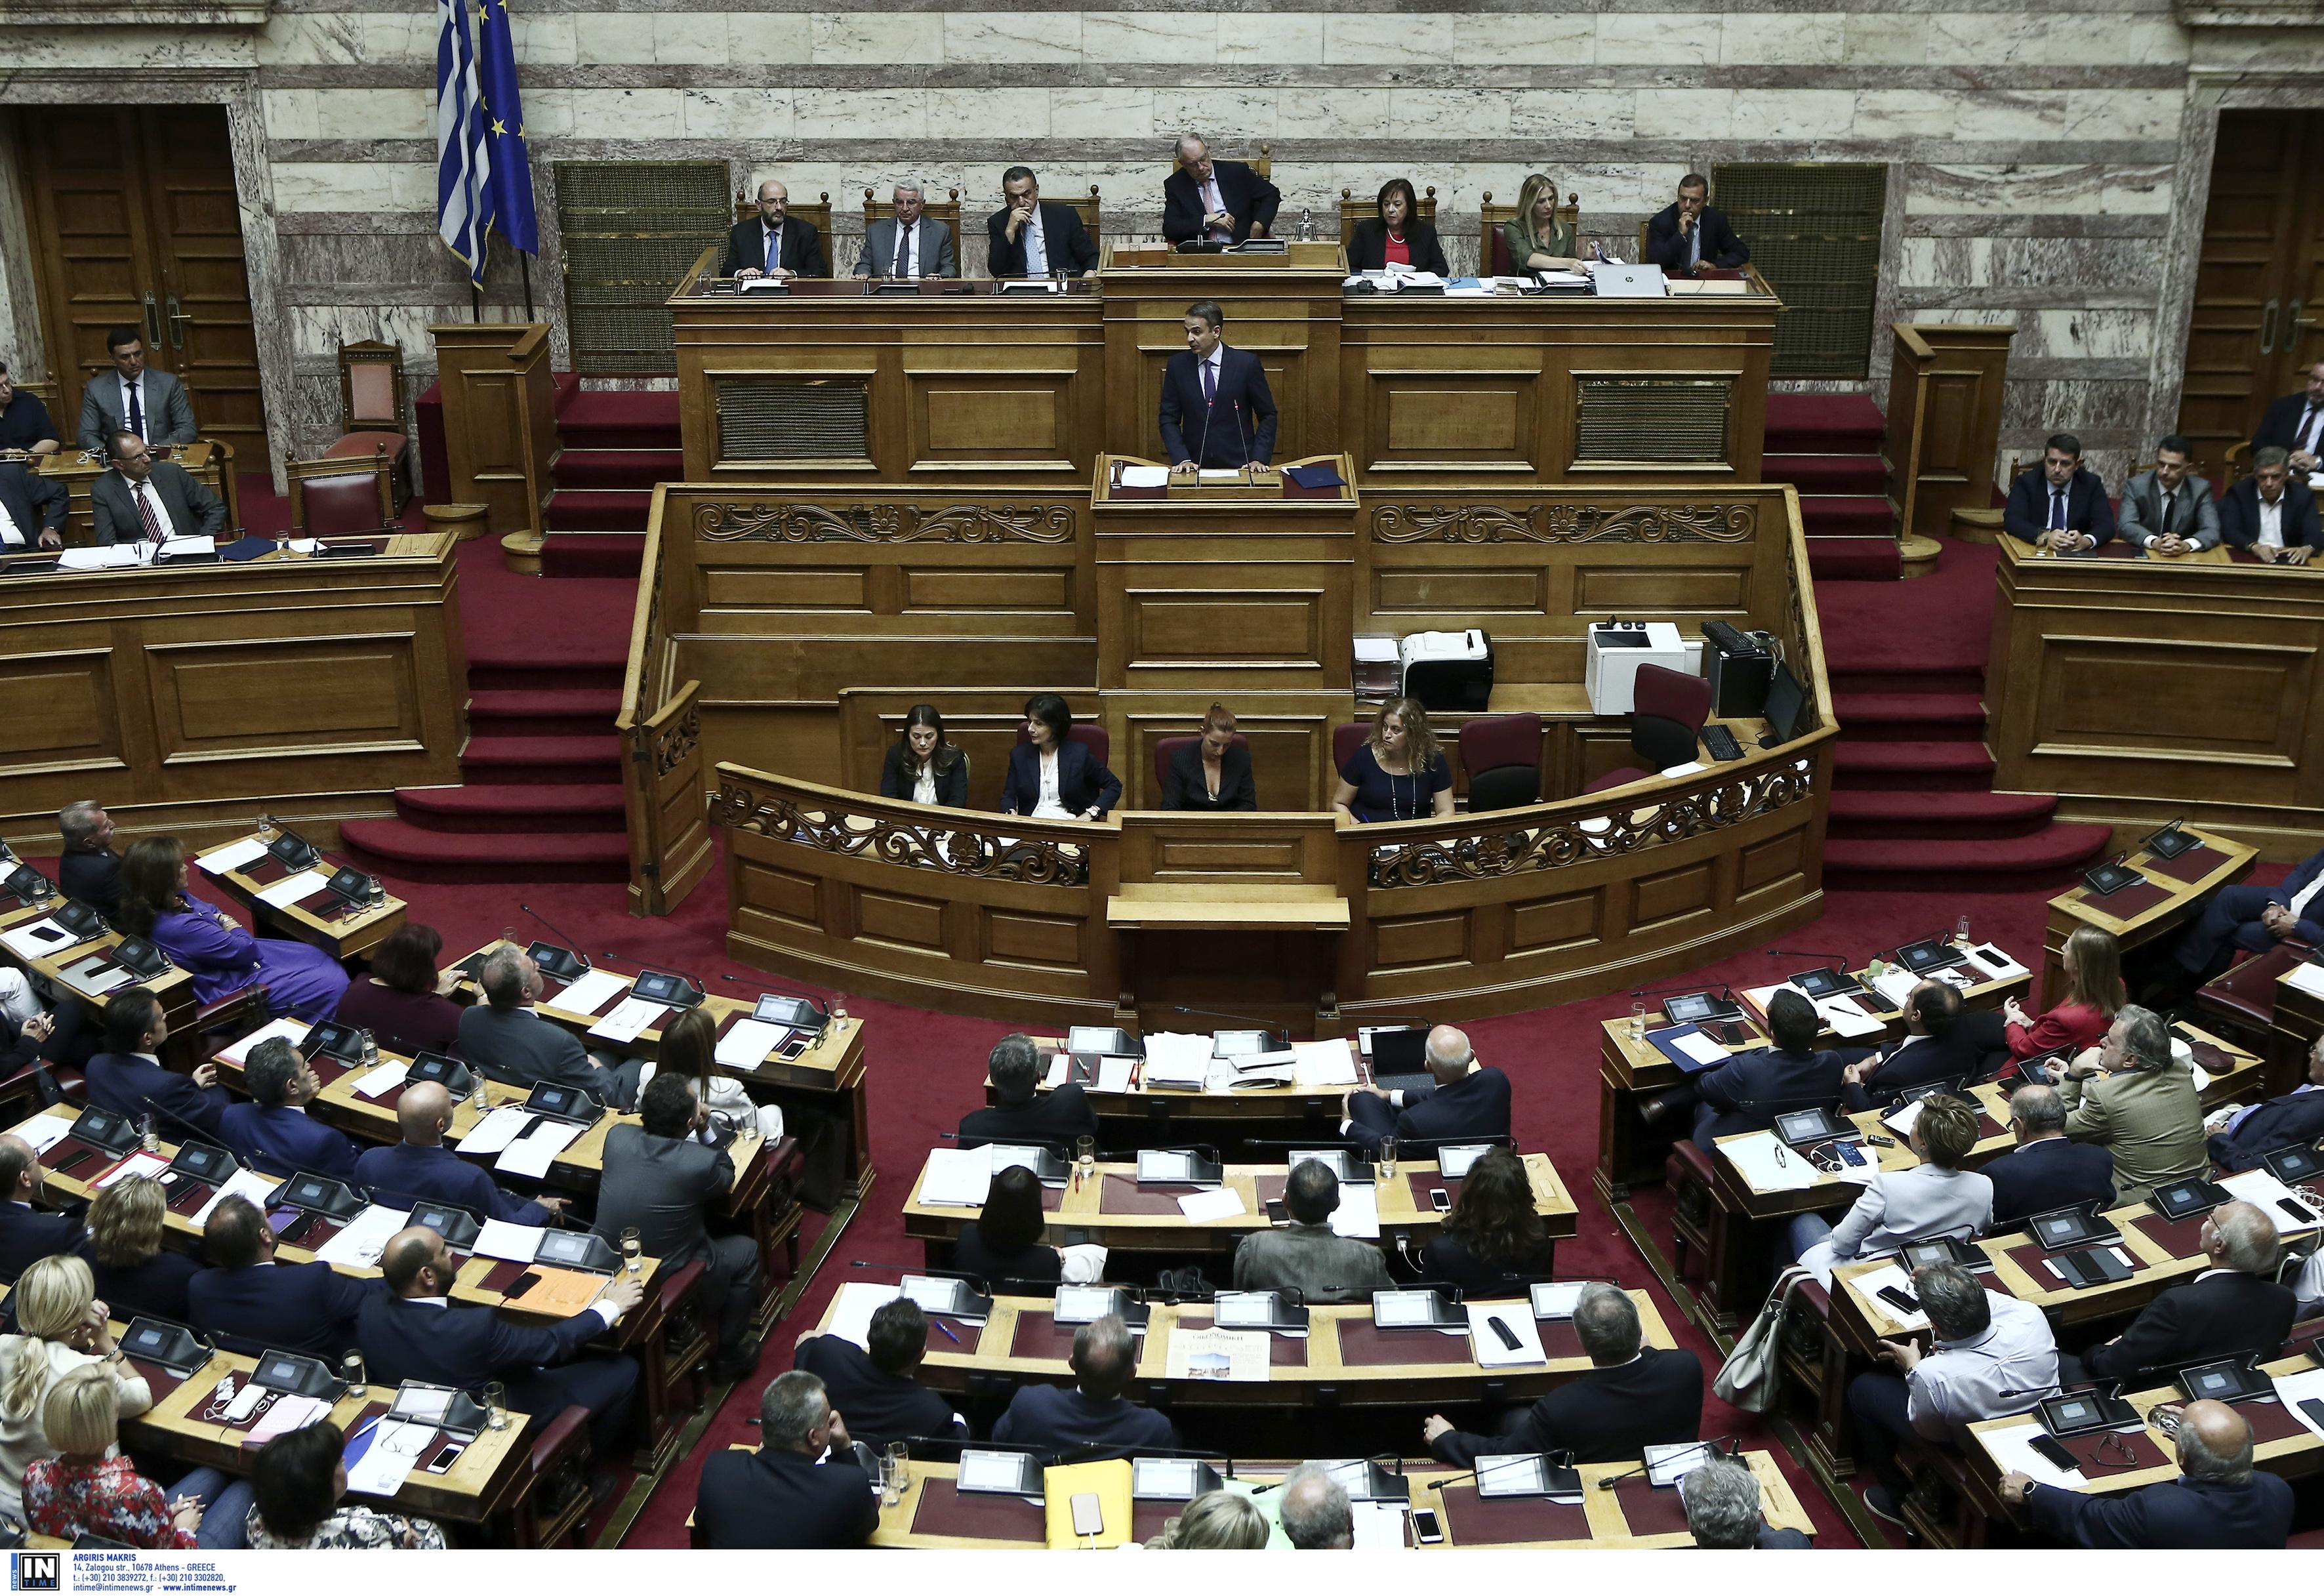 Ψηφίστηκε το νομοσχέδιο για το Επιτελικό Κράτος – Πως ψήφισαν τα κόμματα